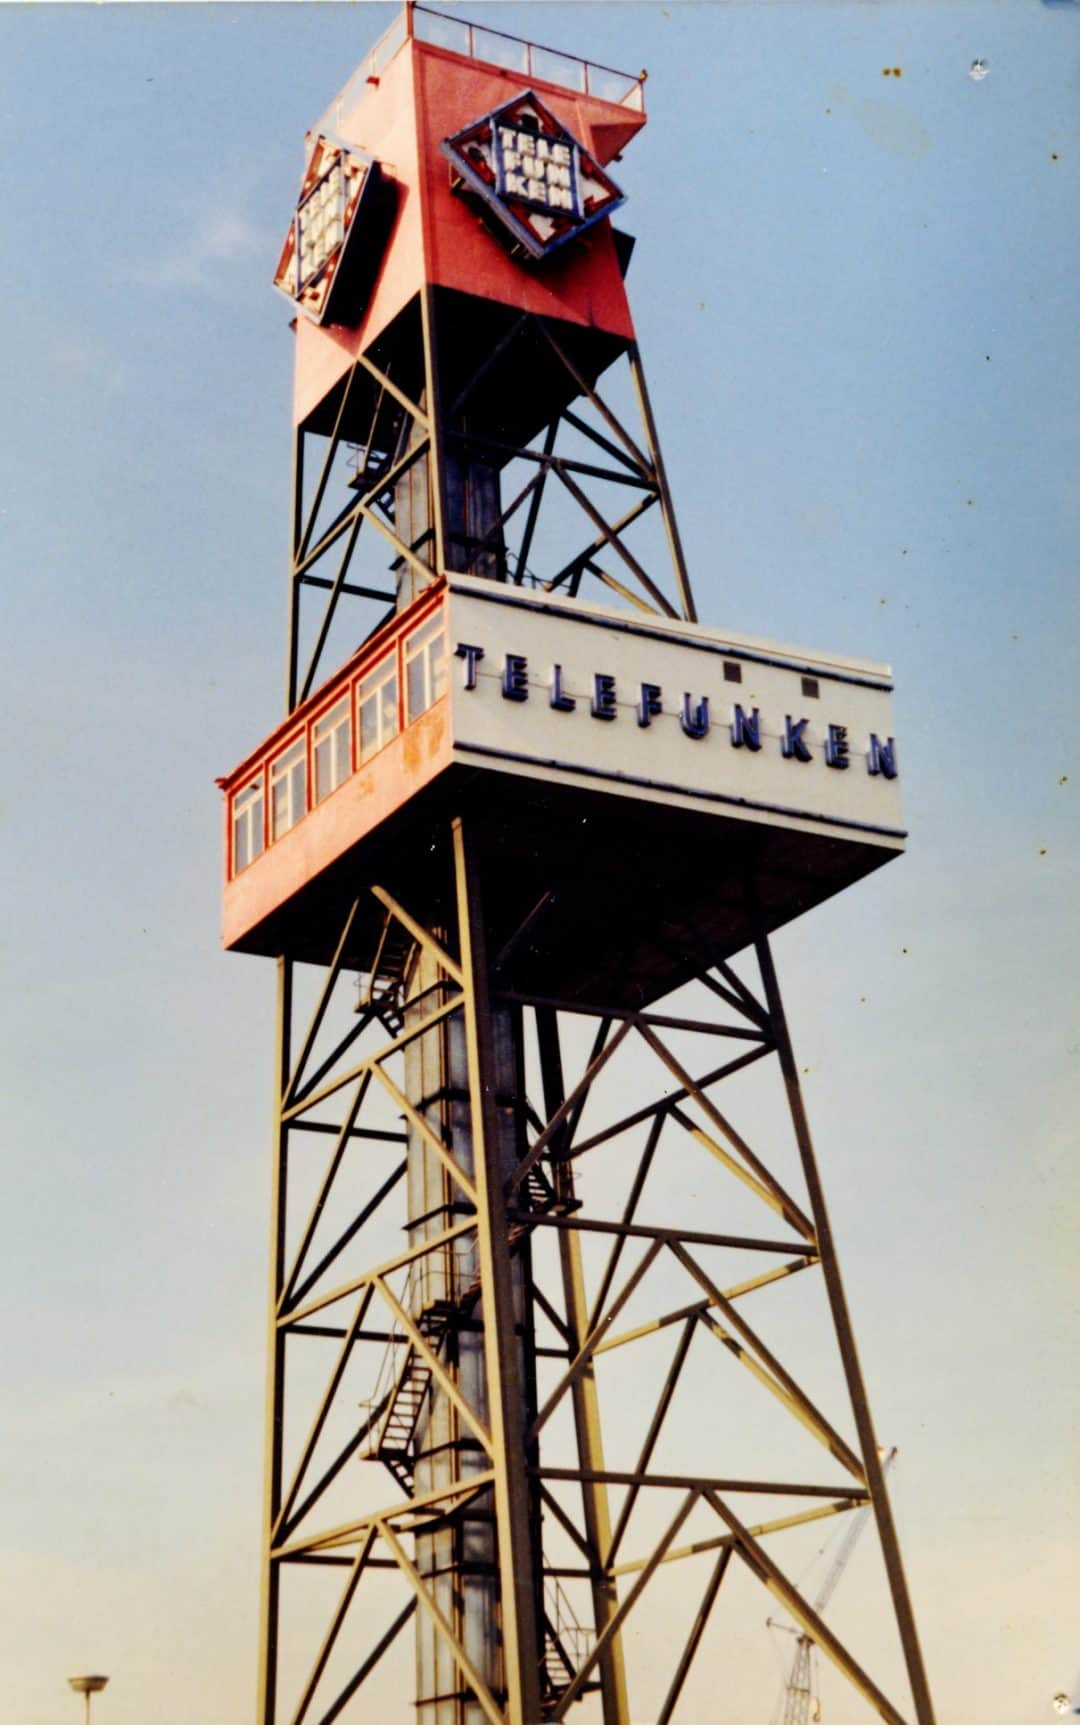 Telefunken Tower